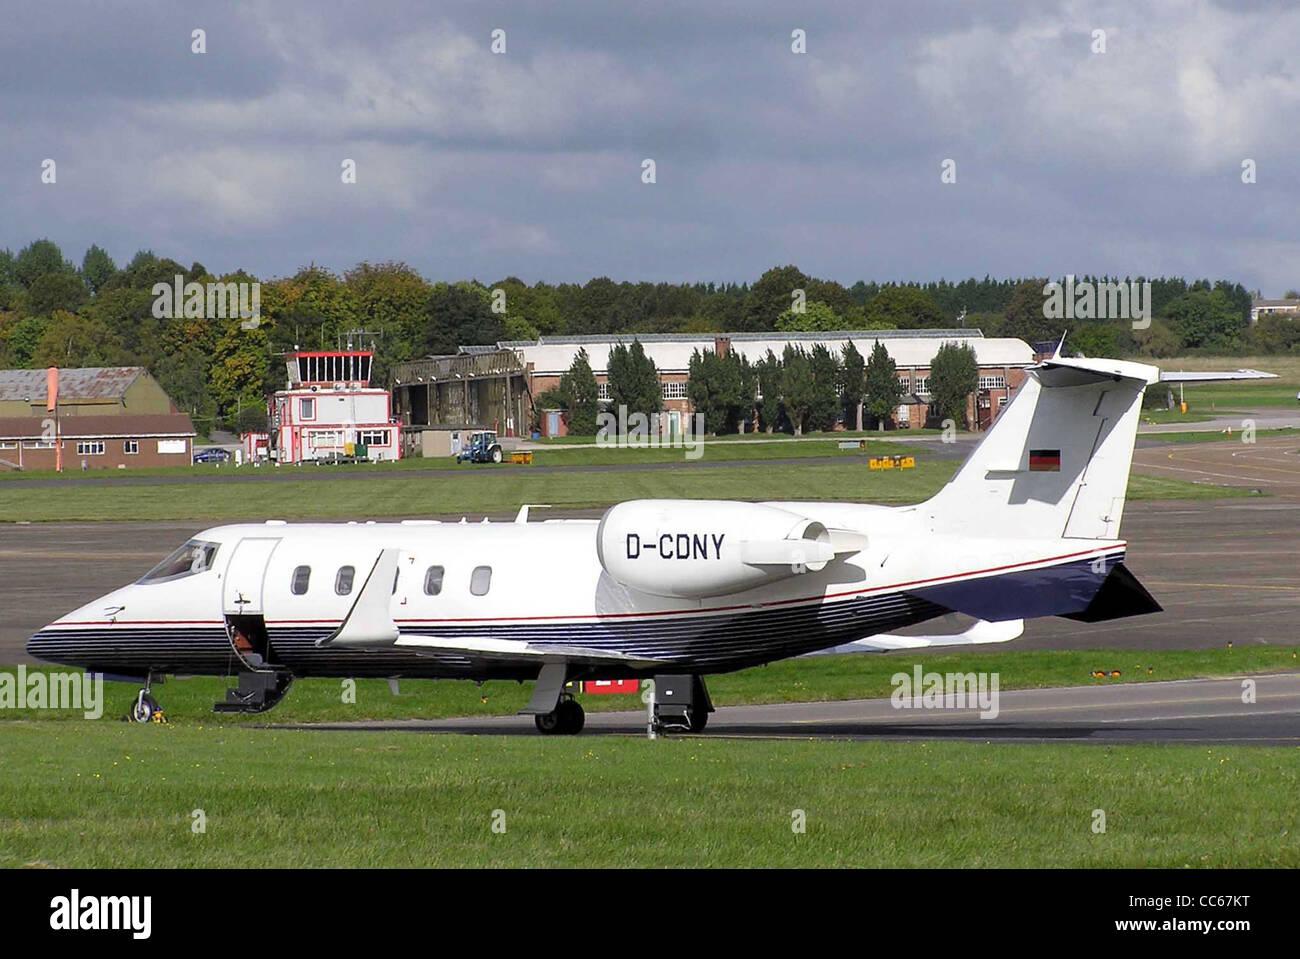 Learjet 60 business jet, German registration D-CDNY. - Stock Image